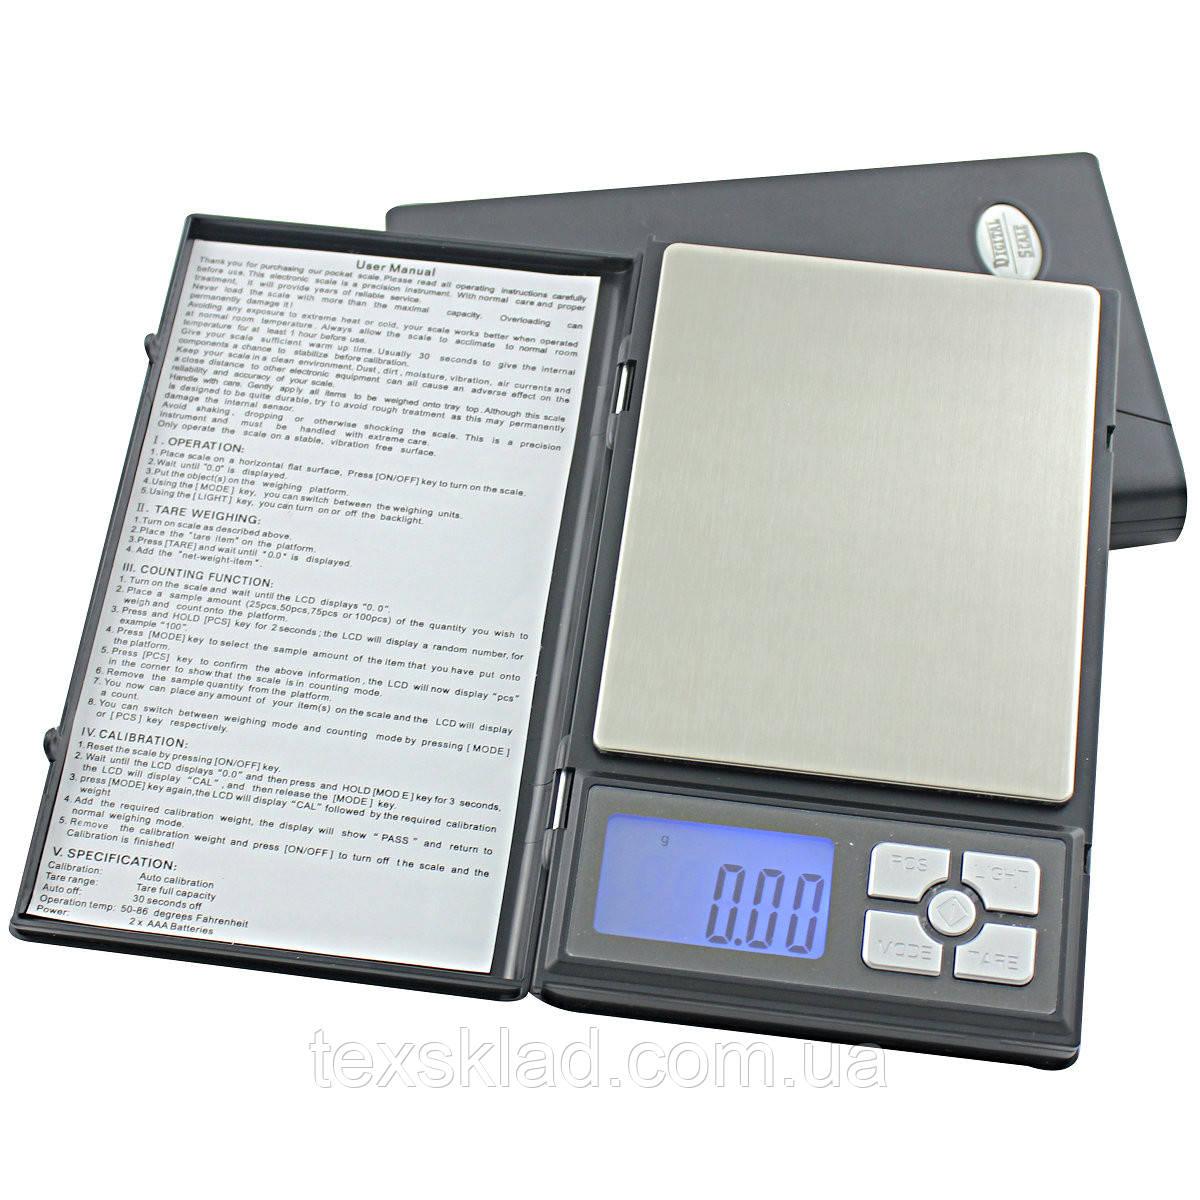 Весы ювелирные карманние 1108-2 (2кг до 0,1)